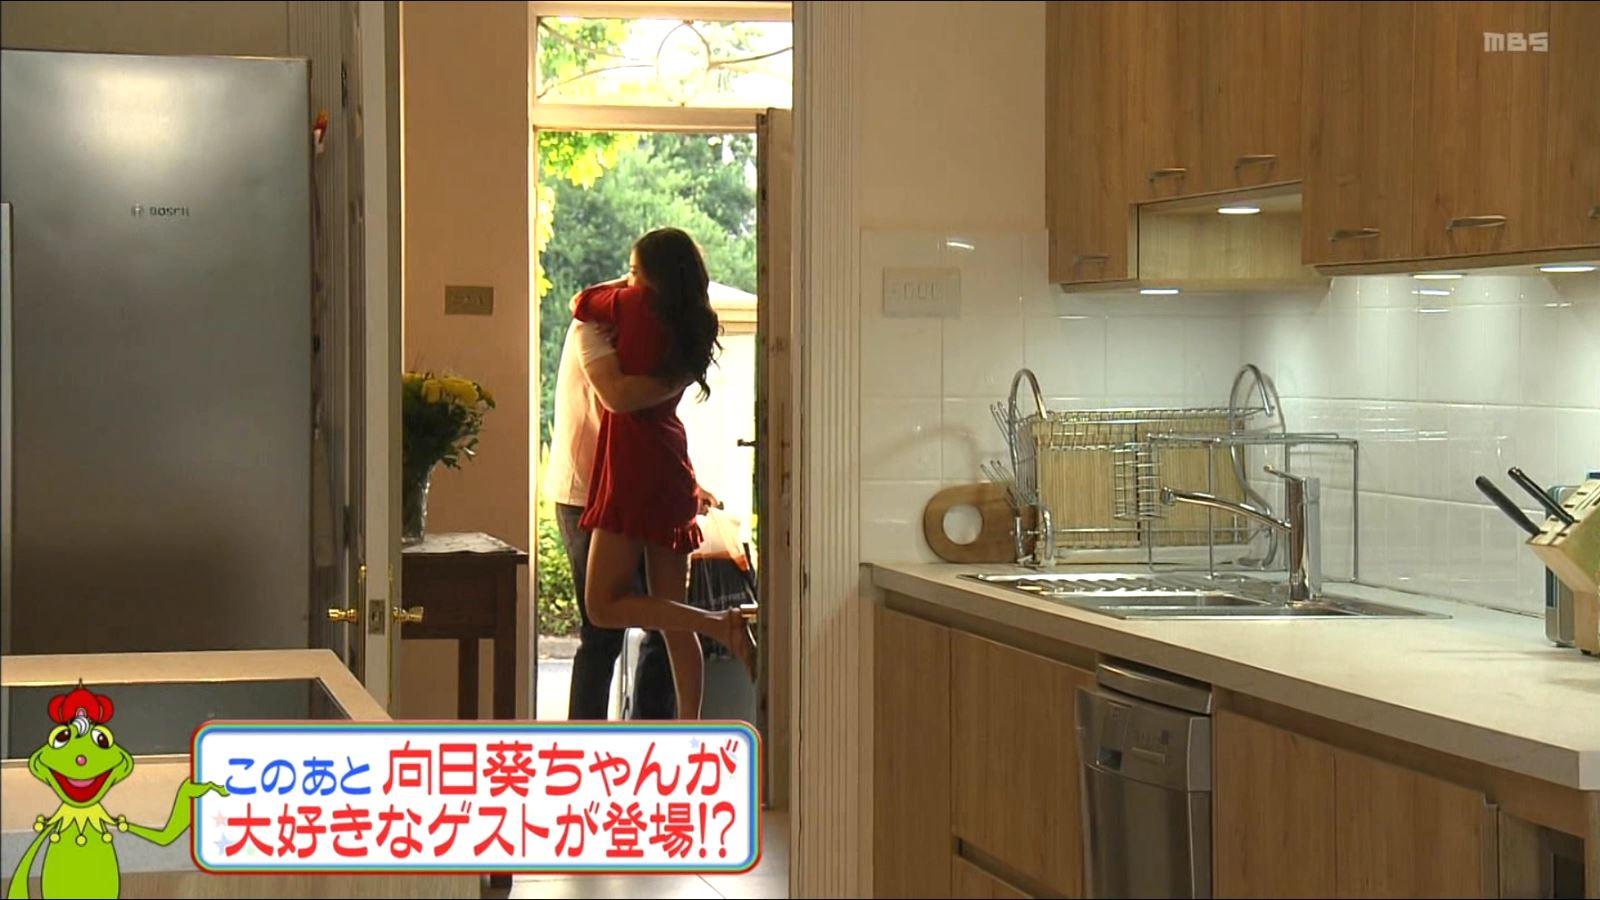 2019年8月16日に放送された『ぴったんこカン・カンスペシャル』に出演した髙田向日葵さんの画像-012